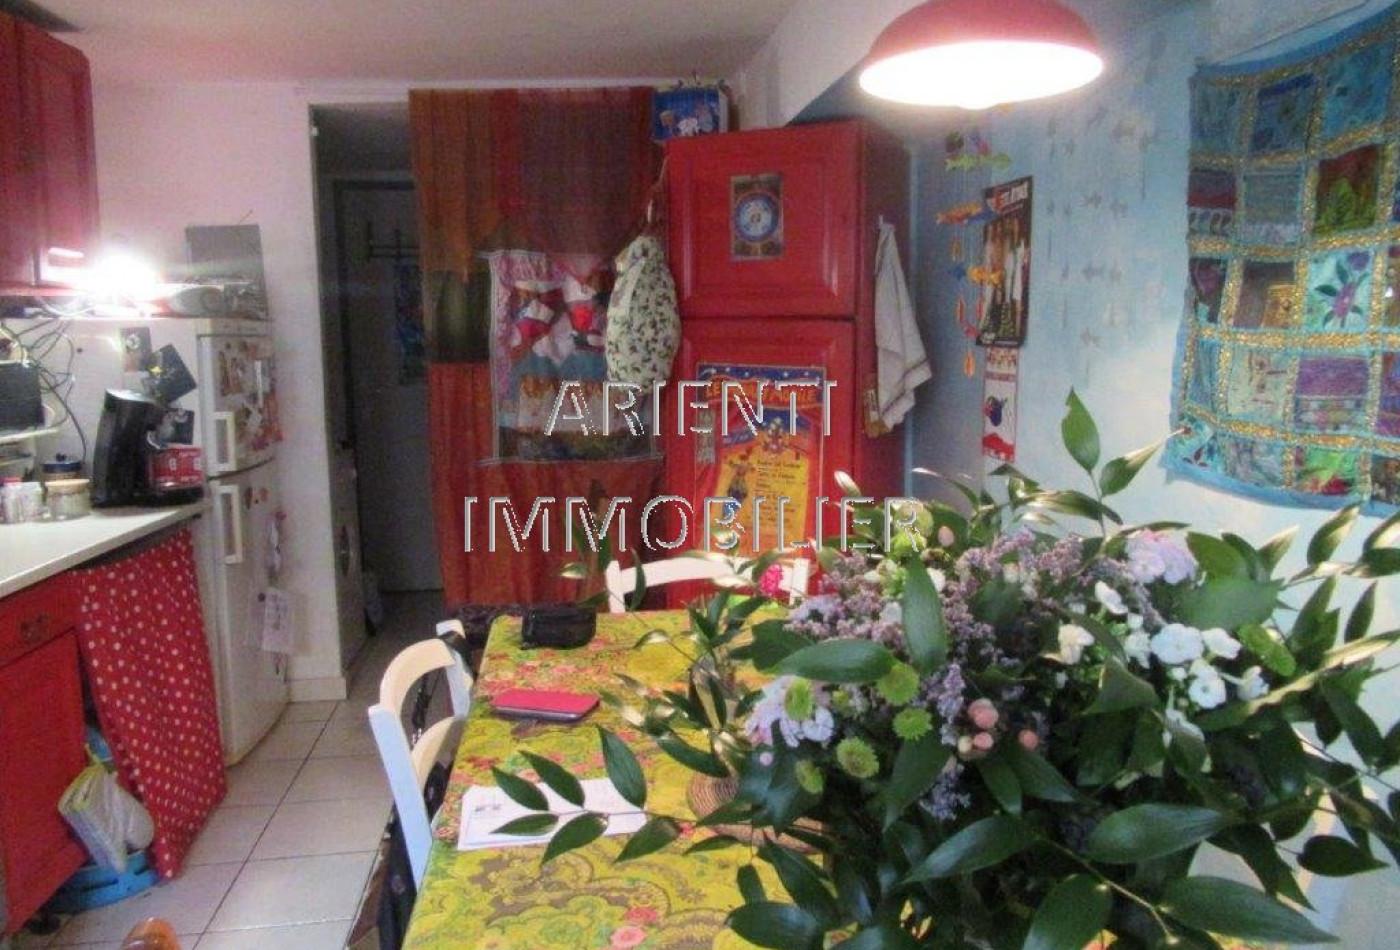 A vendre  Dieulefit   Réf 260013516 - Office immobilier arienti